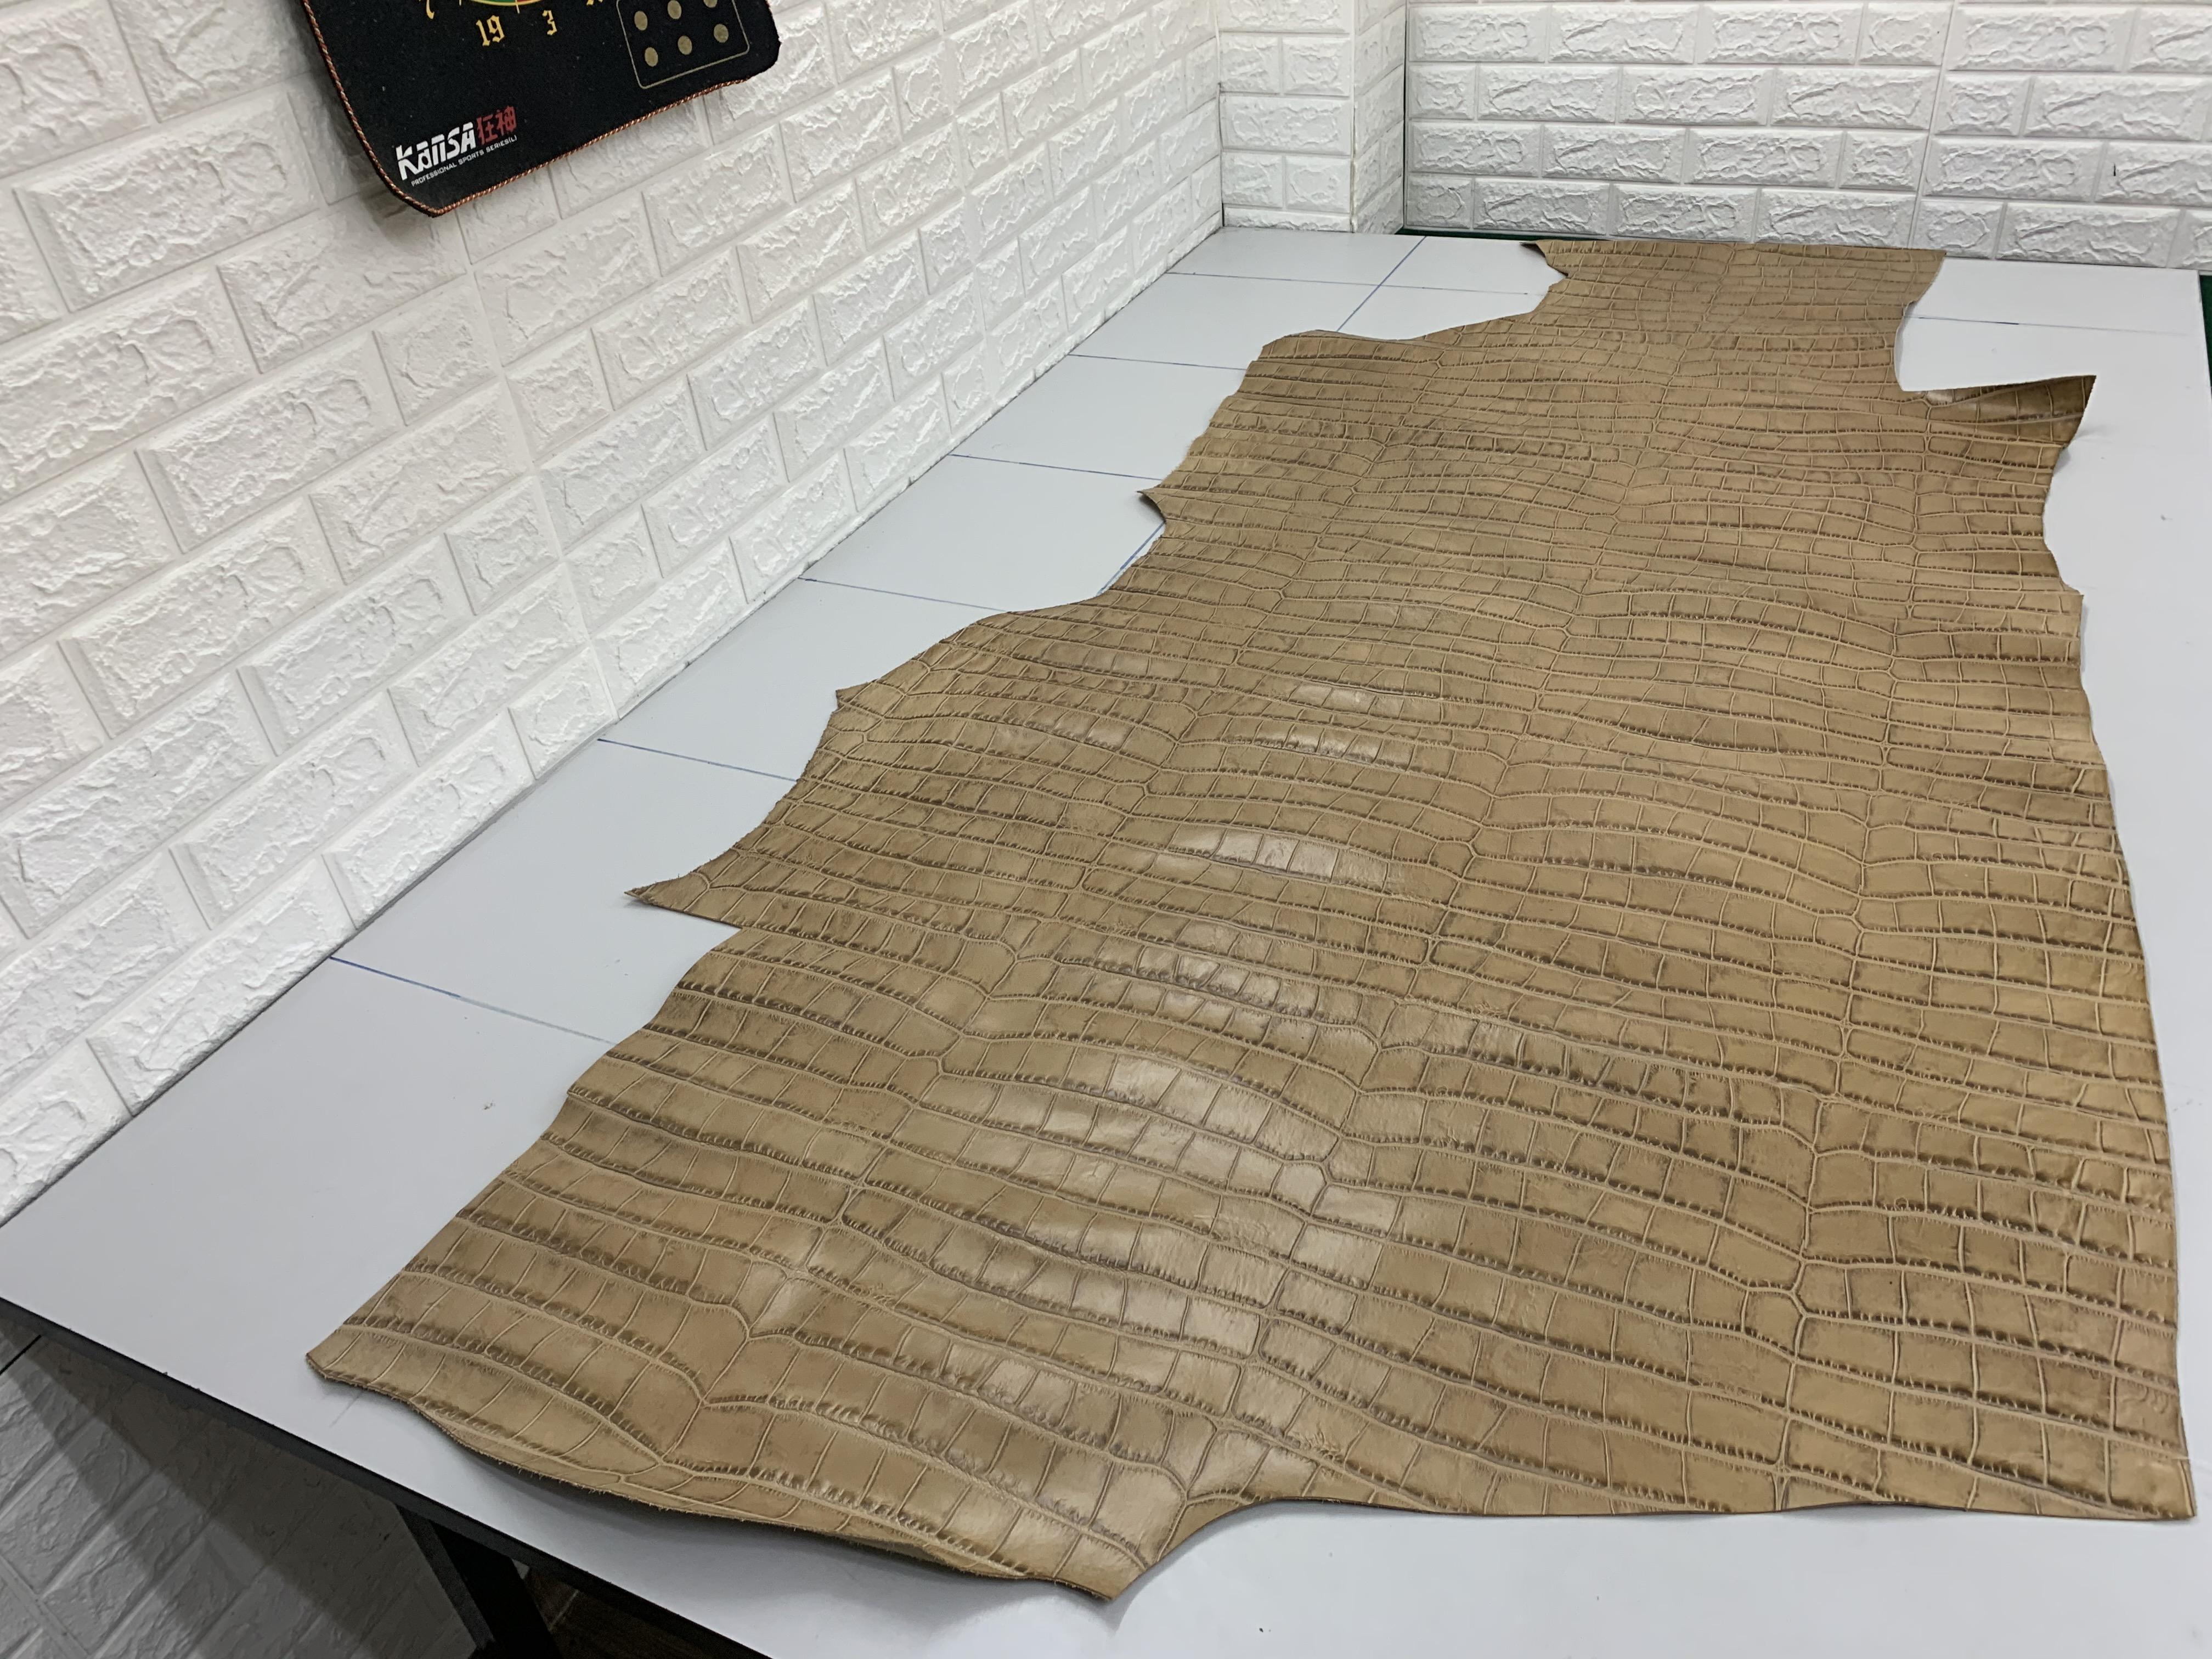 YH18 厚度1.0 进口头层浅棕色大竹节纹 硬度微挺 16平方英尺*7元